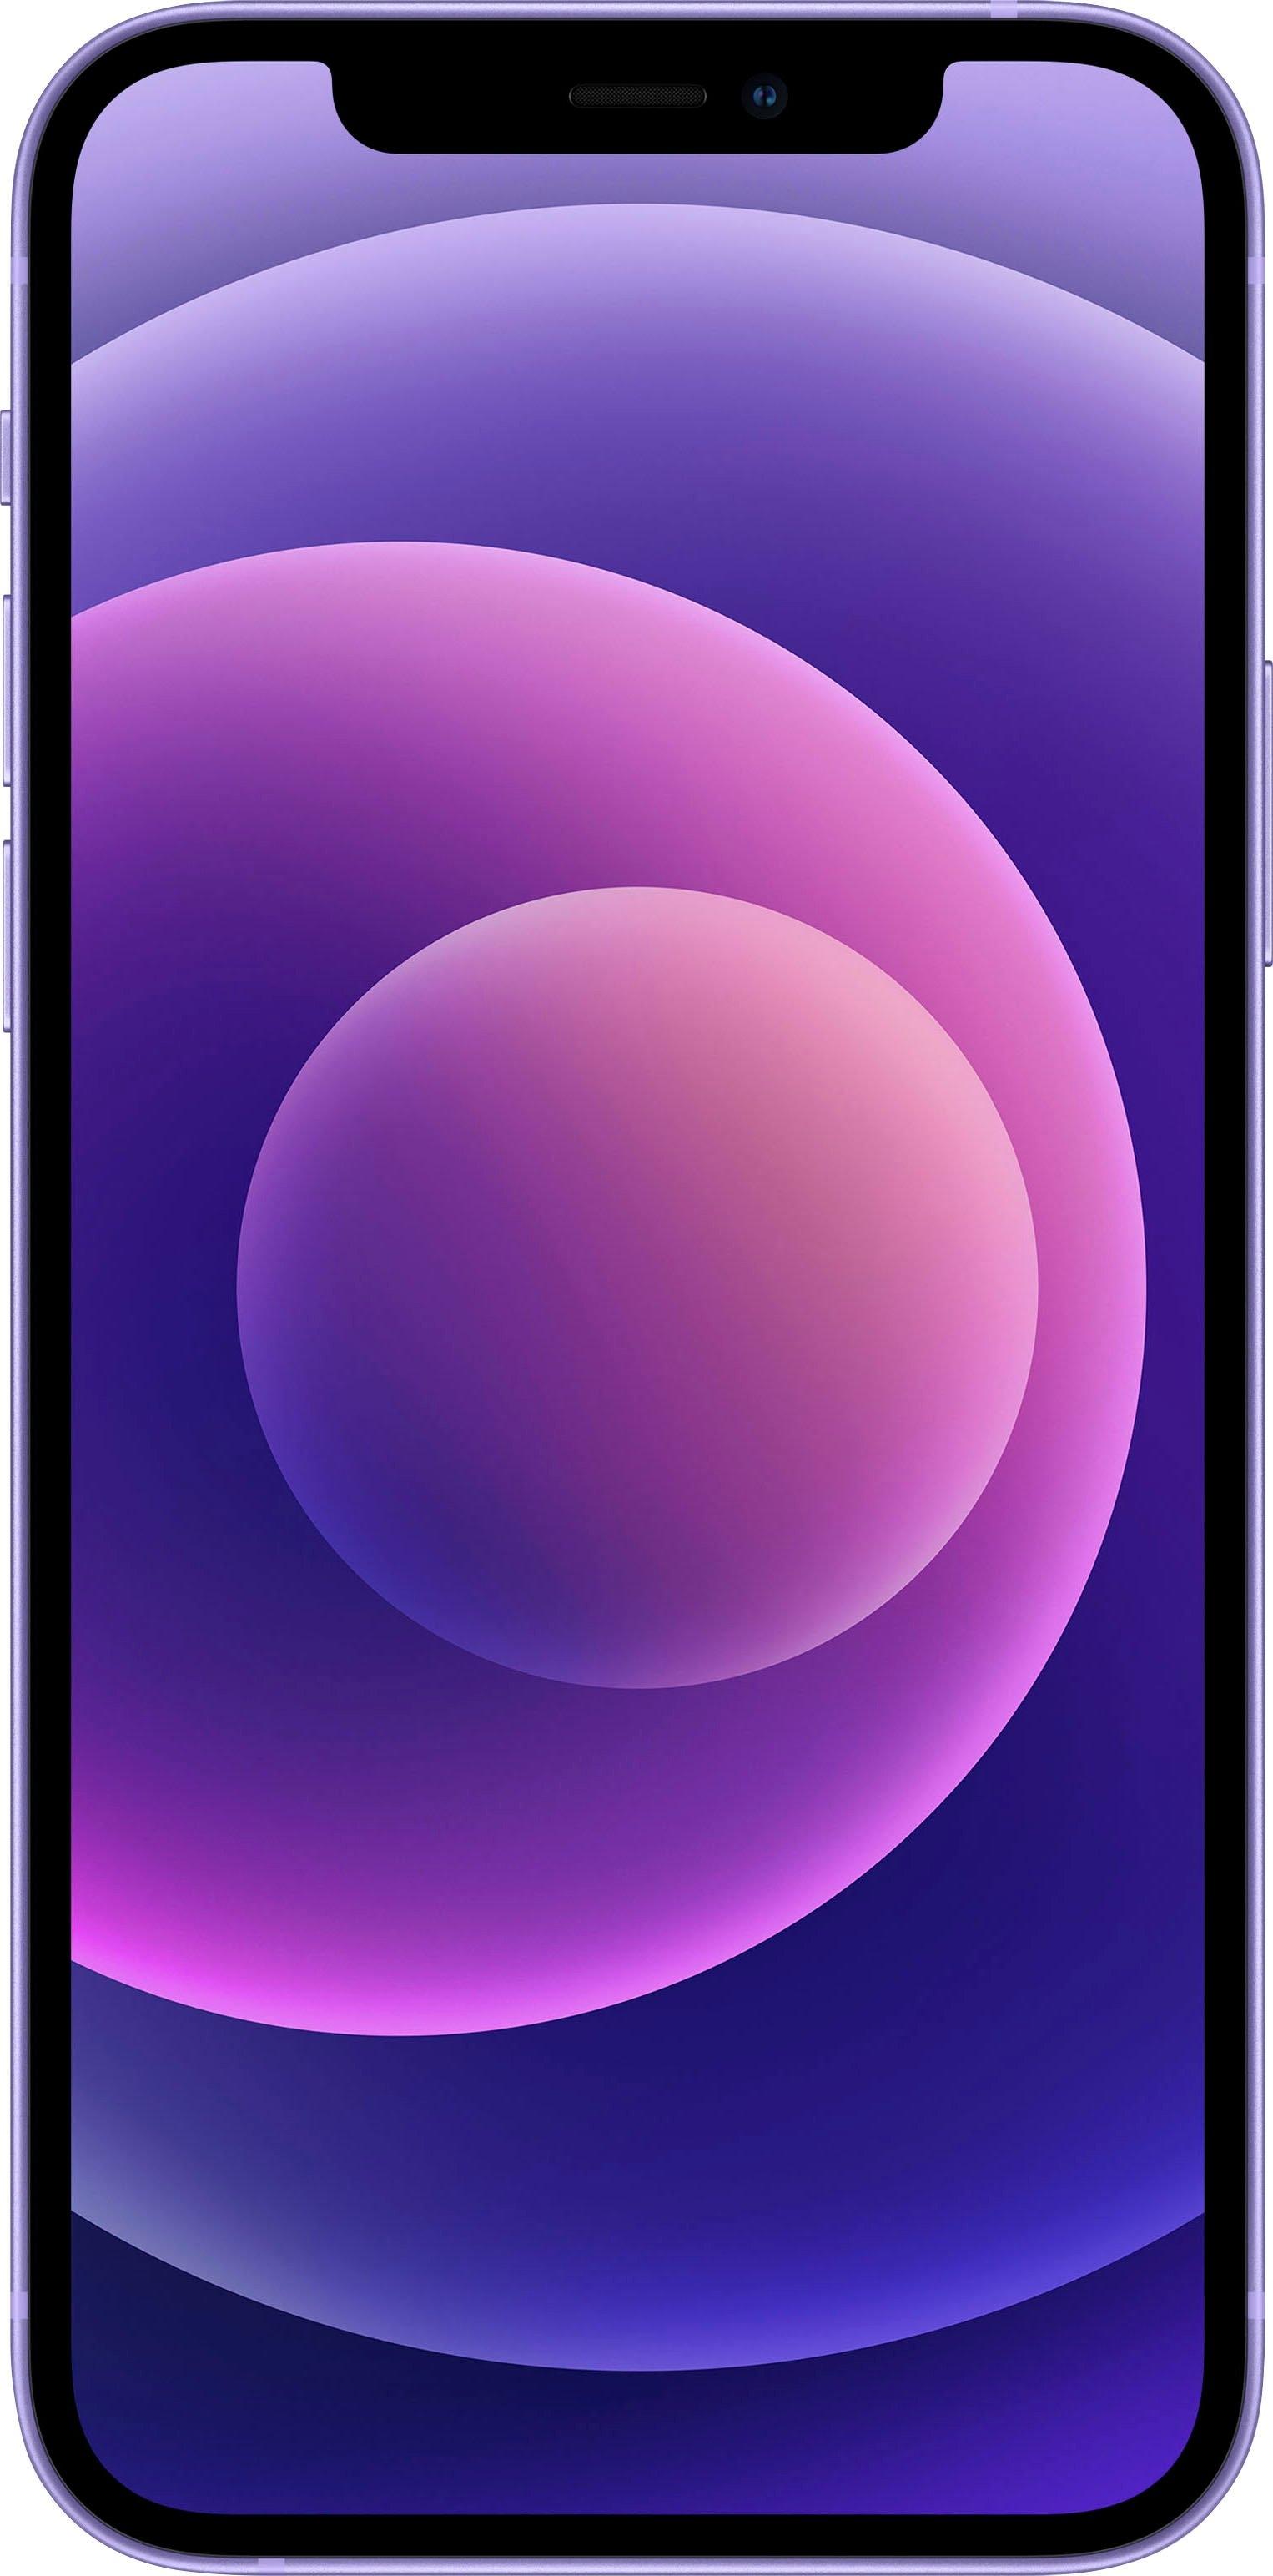 Op zoek naar een Apple smartphone IPhone 12, 64 GB, zonder stroom-adapter en hoofdtelefoon, compatibel met airpods, airpods pro, earpods hoofdtelefoon? Koop online bij OTTO